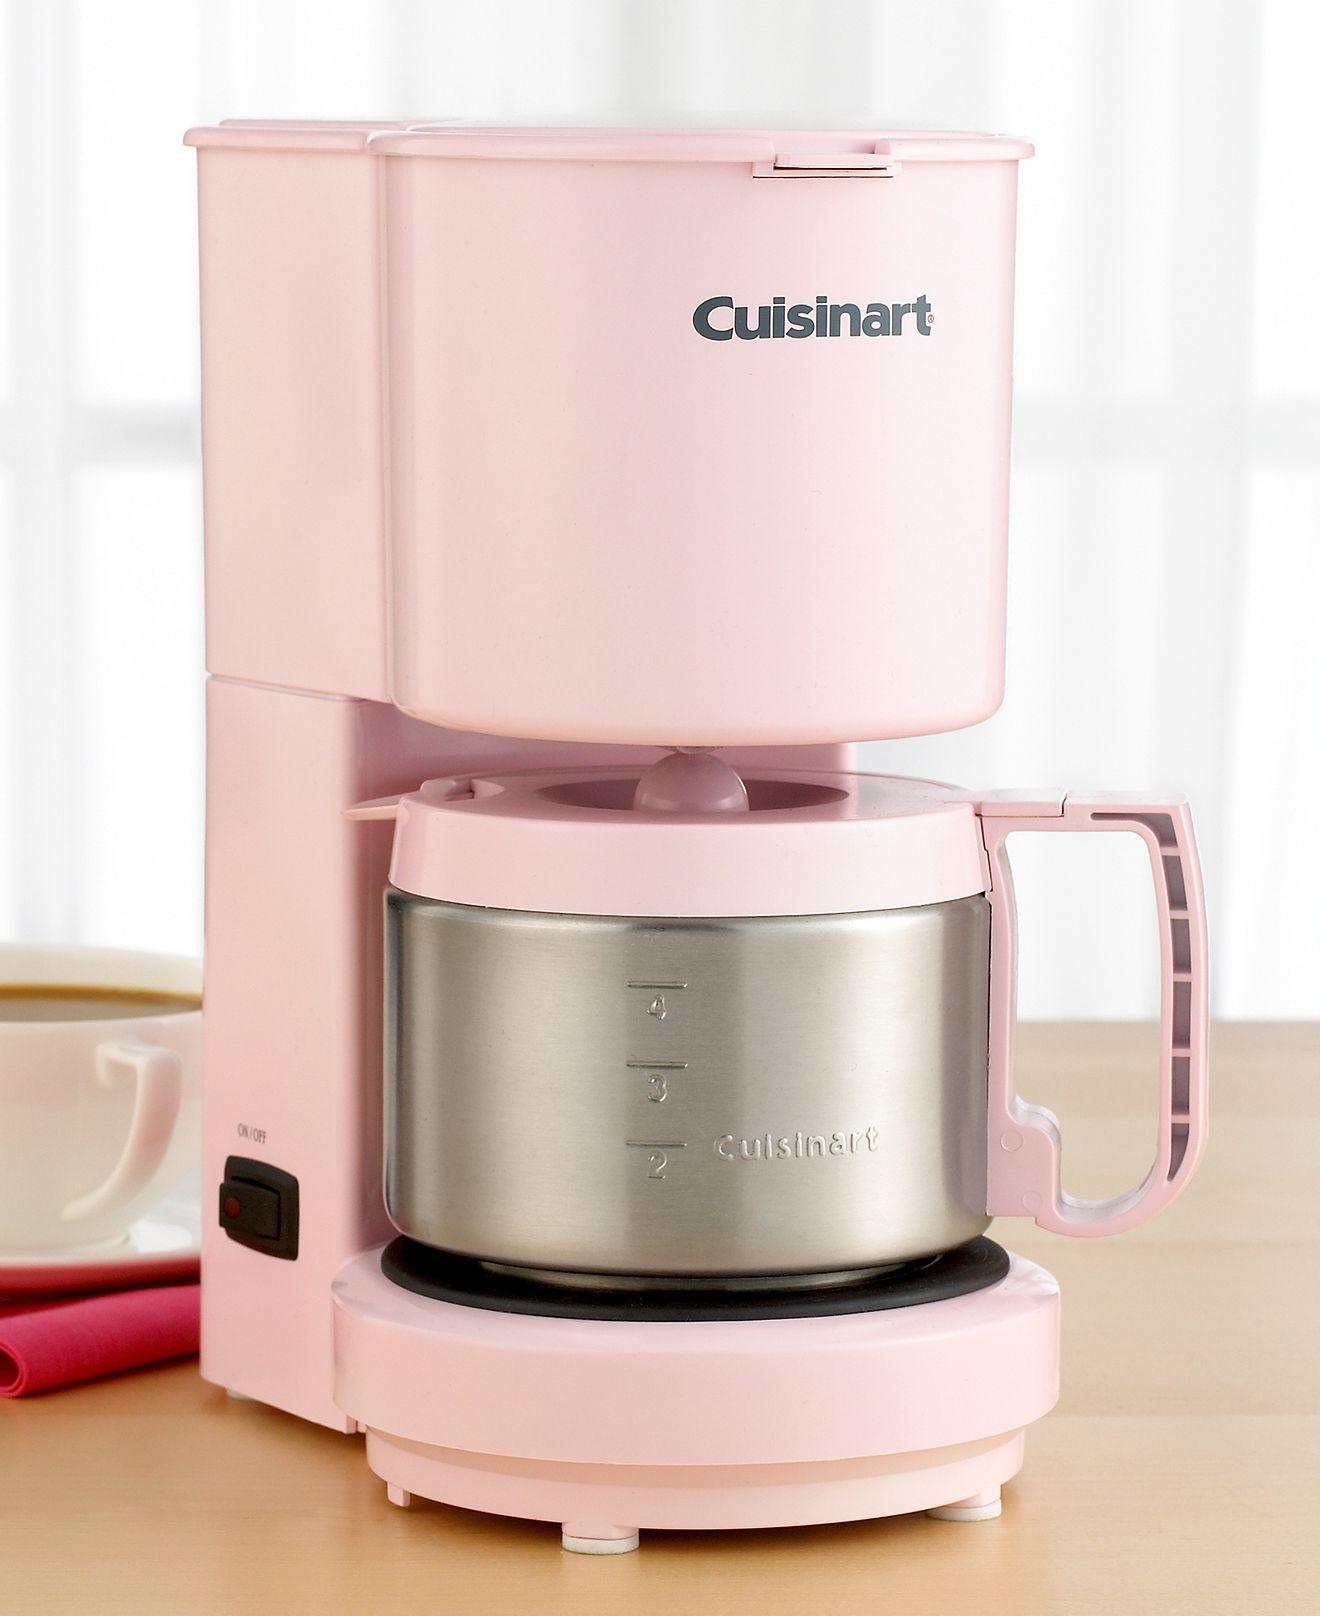 Cuisinart Dcc 450bk 4 Cup Coffeemaker